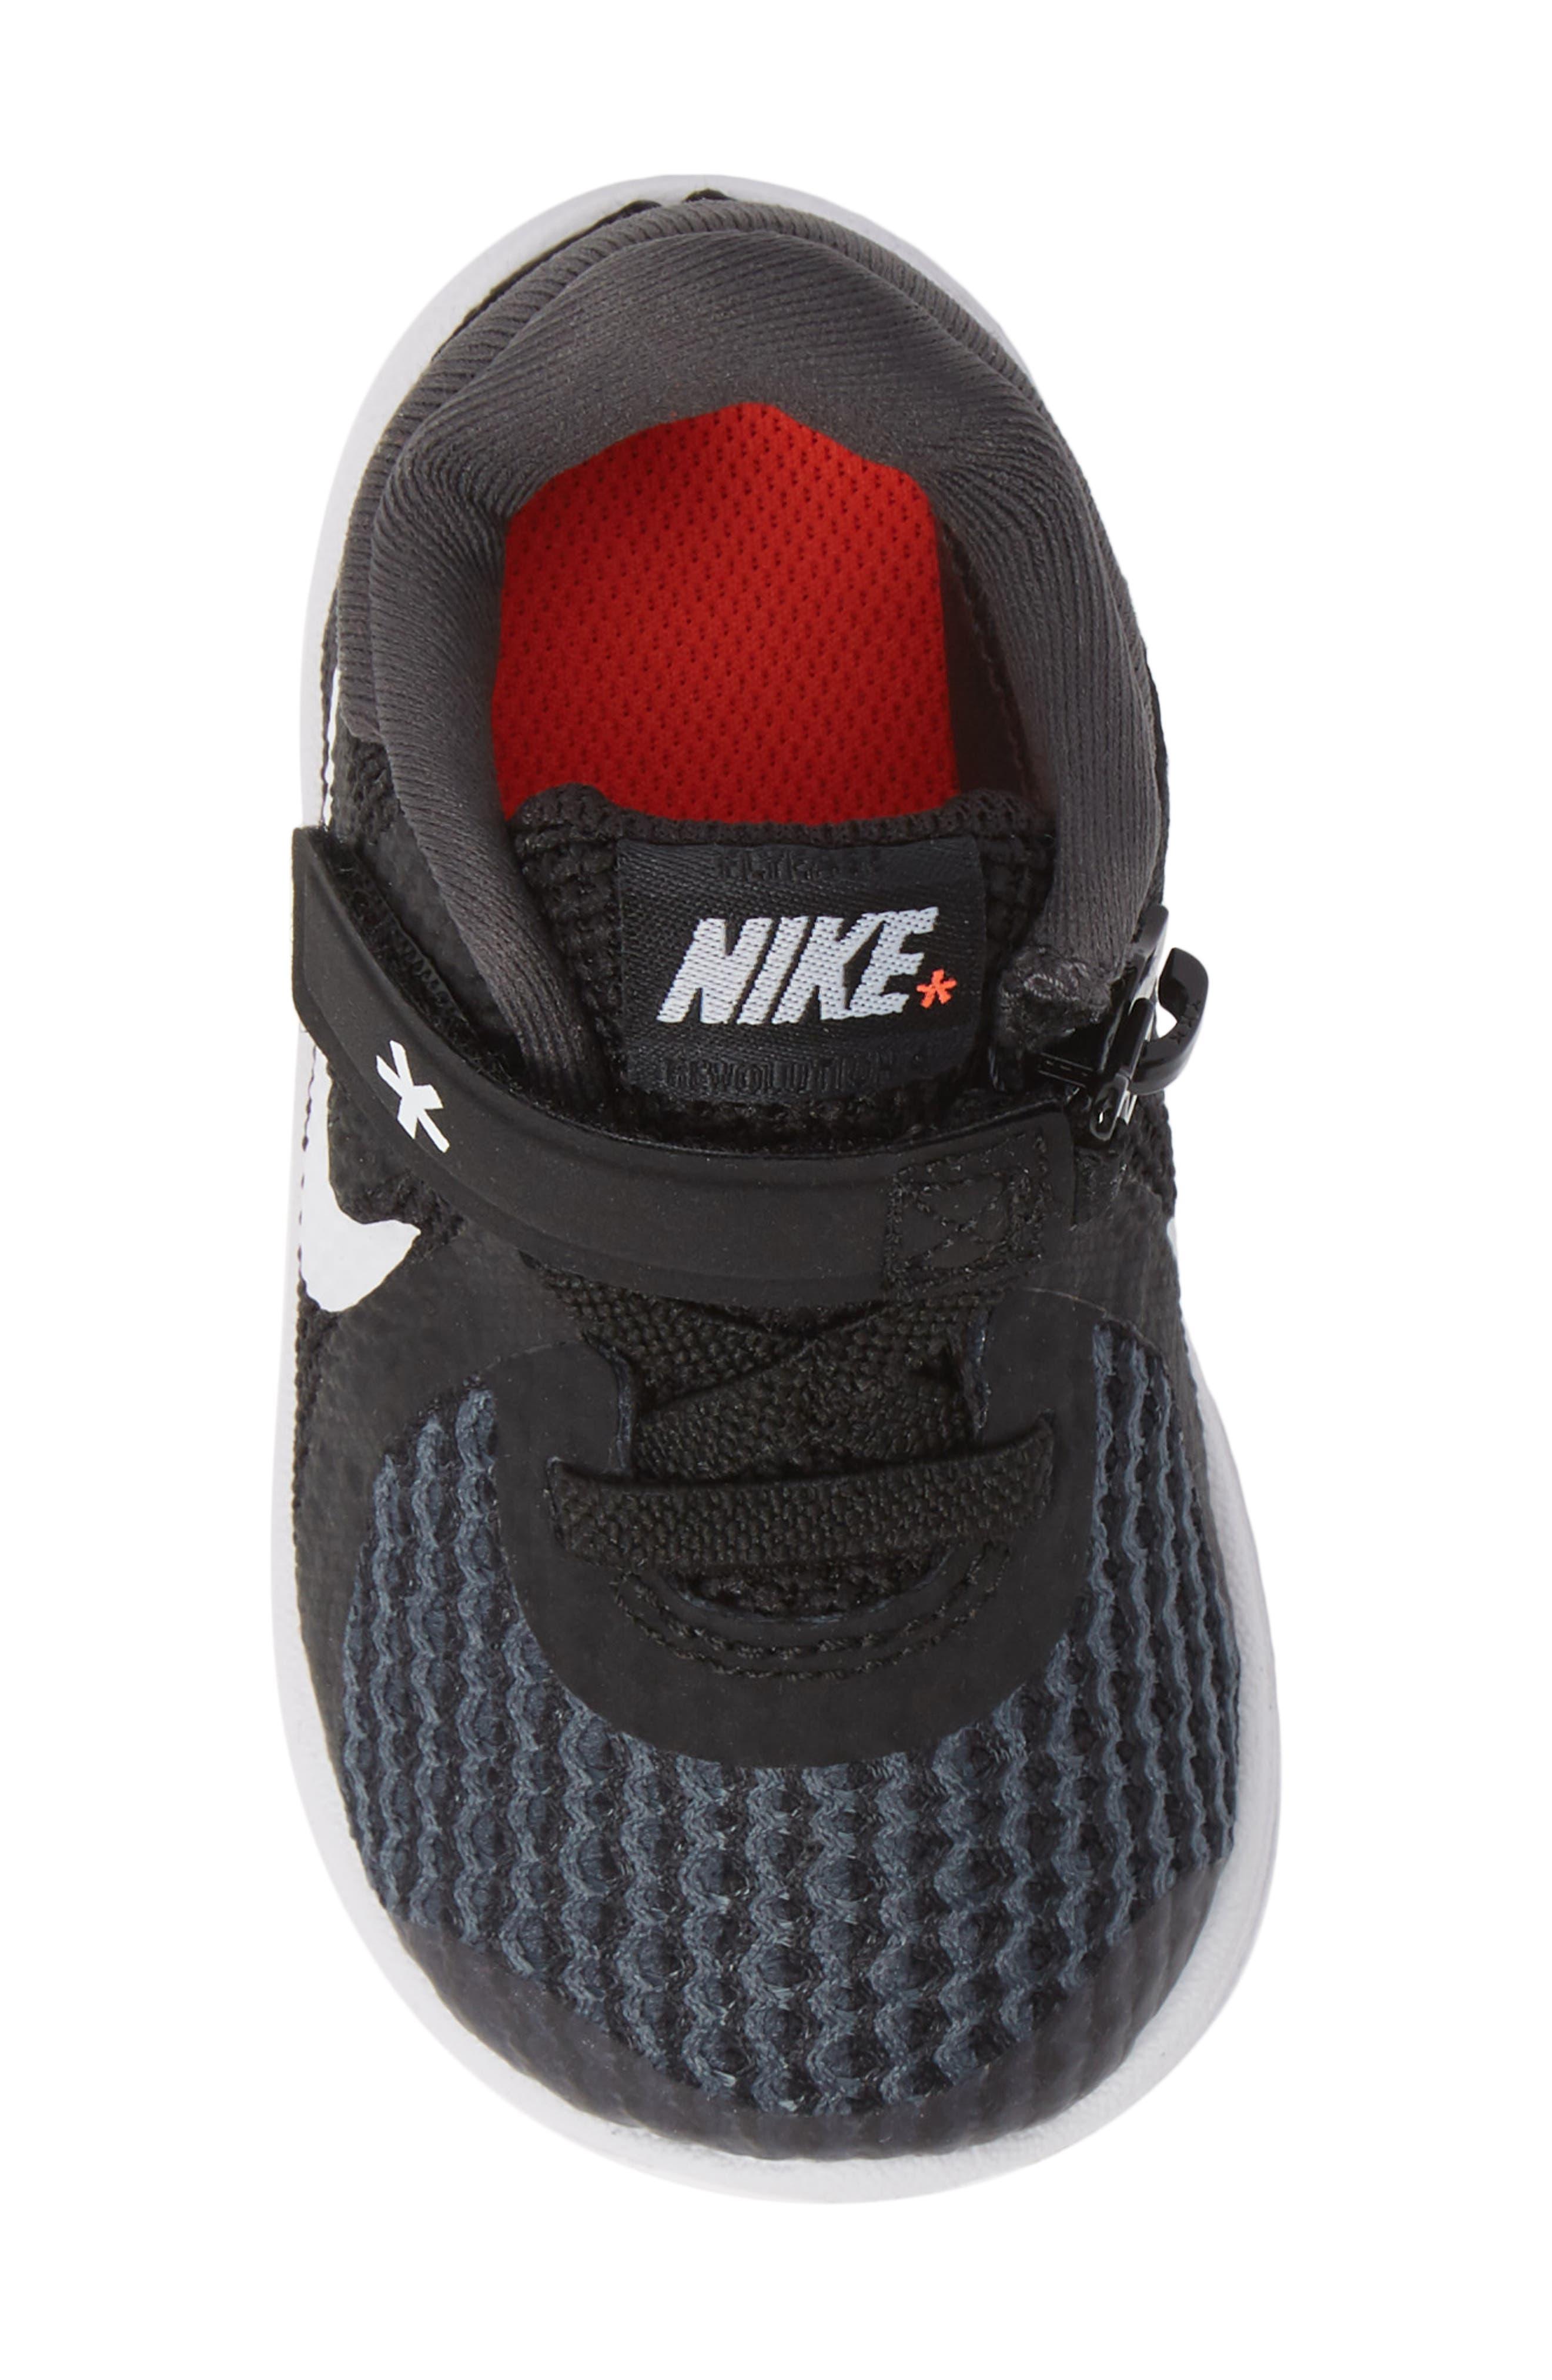 NIKE,                             Revolution 4 Flyease Sneaker,                             Alternate thumbnail 5, color,                             BLACK TOTAL CRIMSON